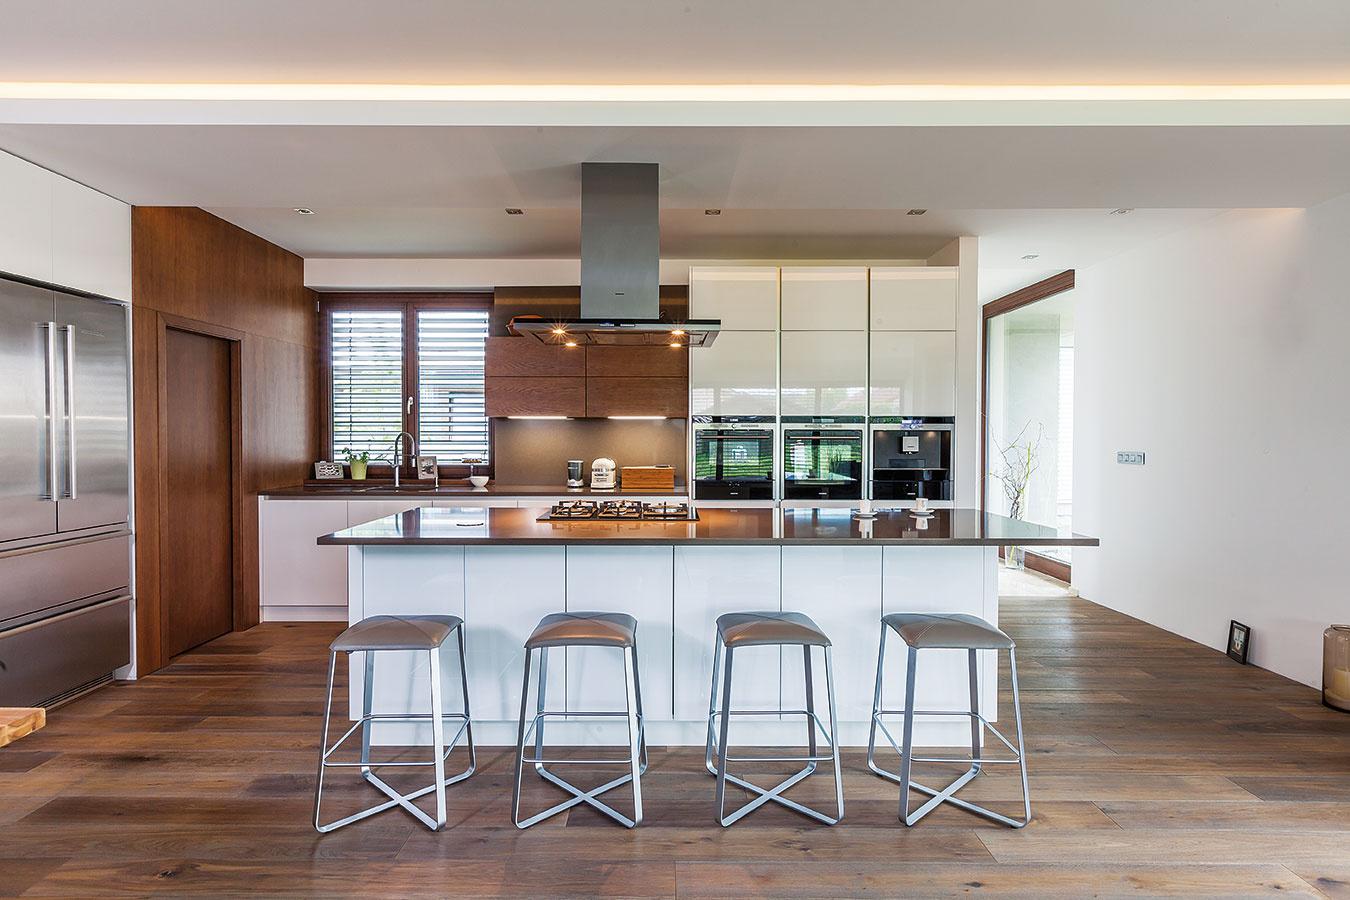 Striedma farebnosť. Základom kuchyne aj celého denného priestoru sú dve kontrastné farby – biela ahnedá. Kompozíciu oživuje striedanie matných alesklých plôch apraktické detaily vpodobe spotrebičov či stoličiek – všetko precízne zladené štýlom aj farebnosťou.